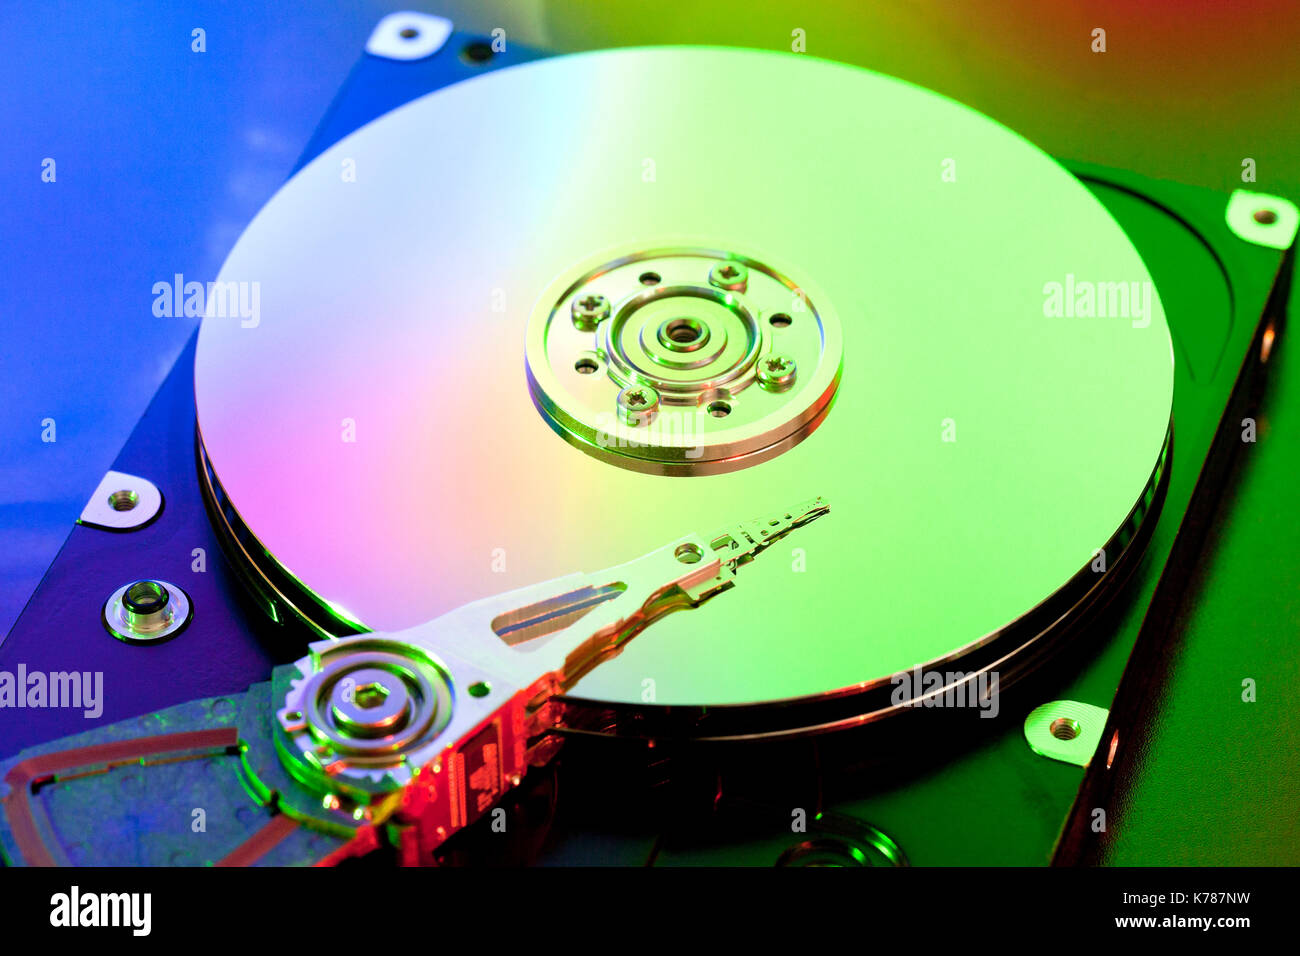 Plato y disco duro de lectura / escritura de cabeza (el cabezal de lectura/escritura de disco duro, disco duro). Foto de stock